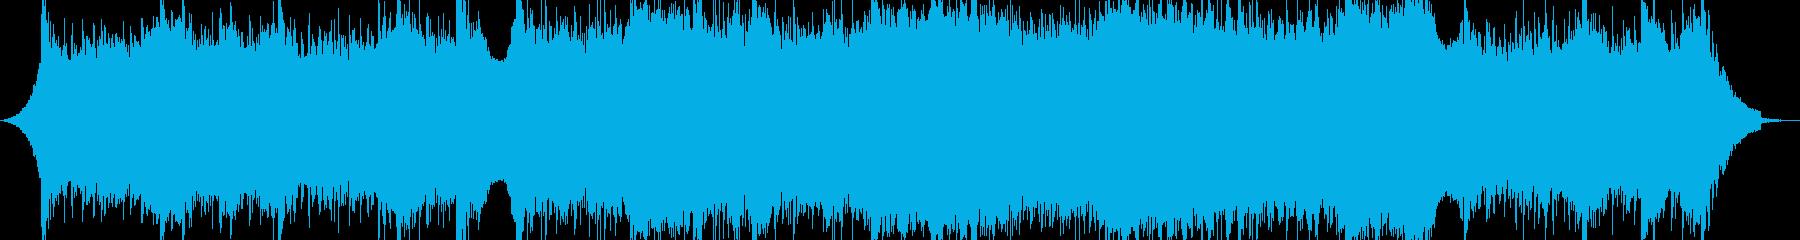 大気の深い電子の抽象的な音楽の再生済みの波形